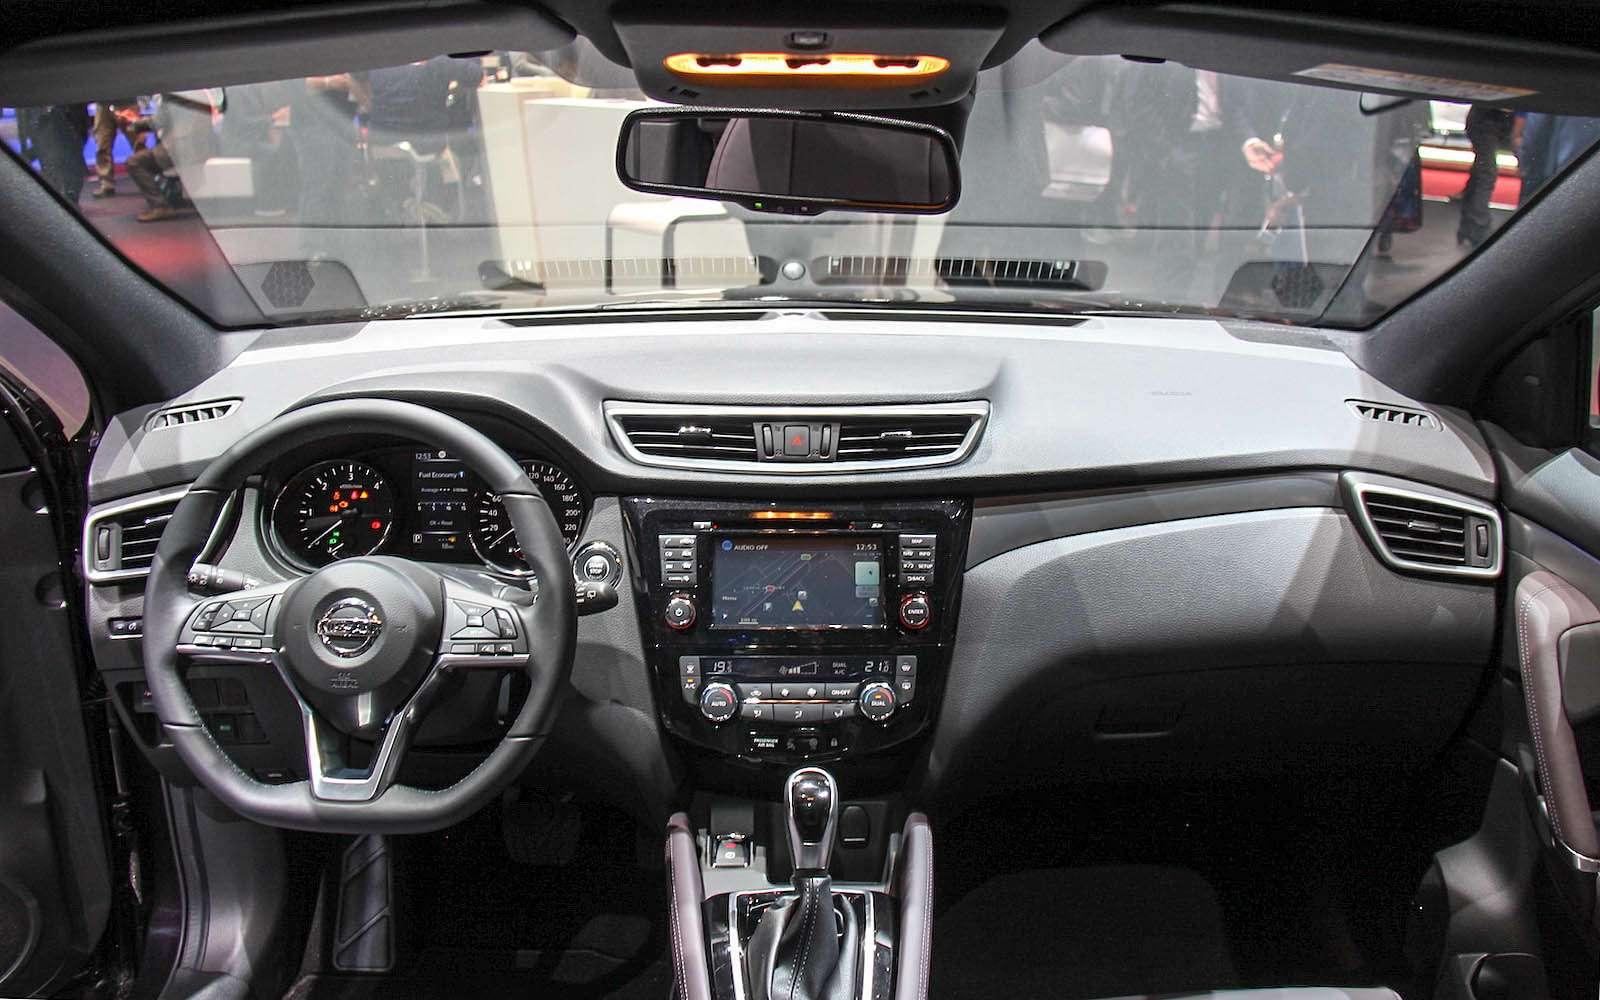 Обновленный Nissan Qashqai: европейский бестселлер самериканским лицом— фото 717729